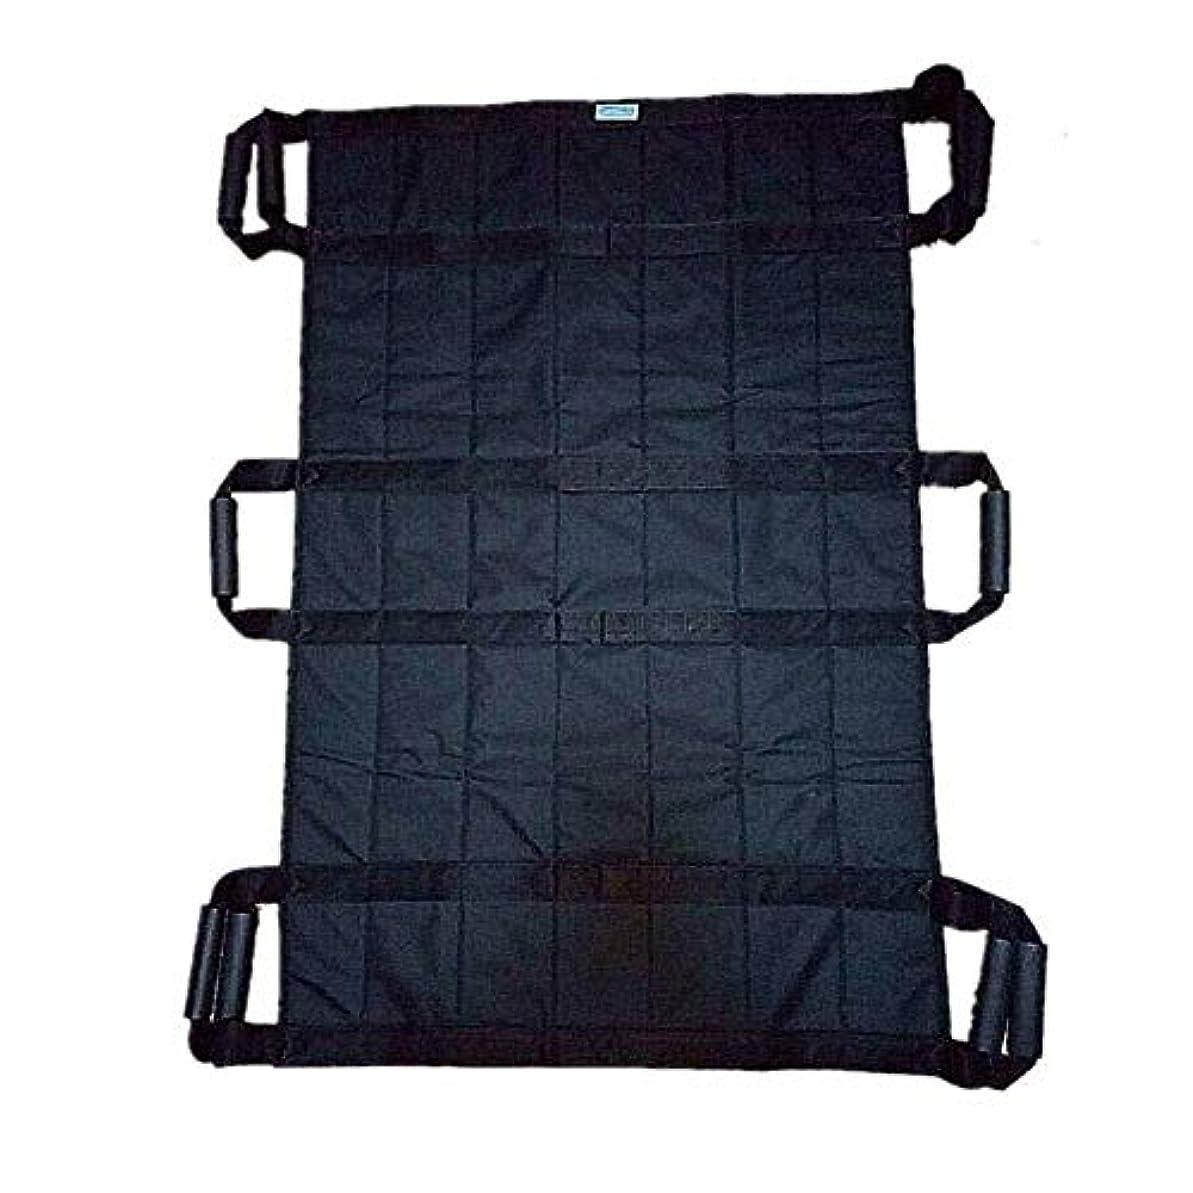 出発ドラムオークショントランスファーボードスライドベルト-患者リフトベッド支援デバイス-患者輸送リフトスリング-位置決めベッドパッド